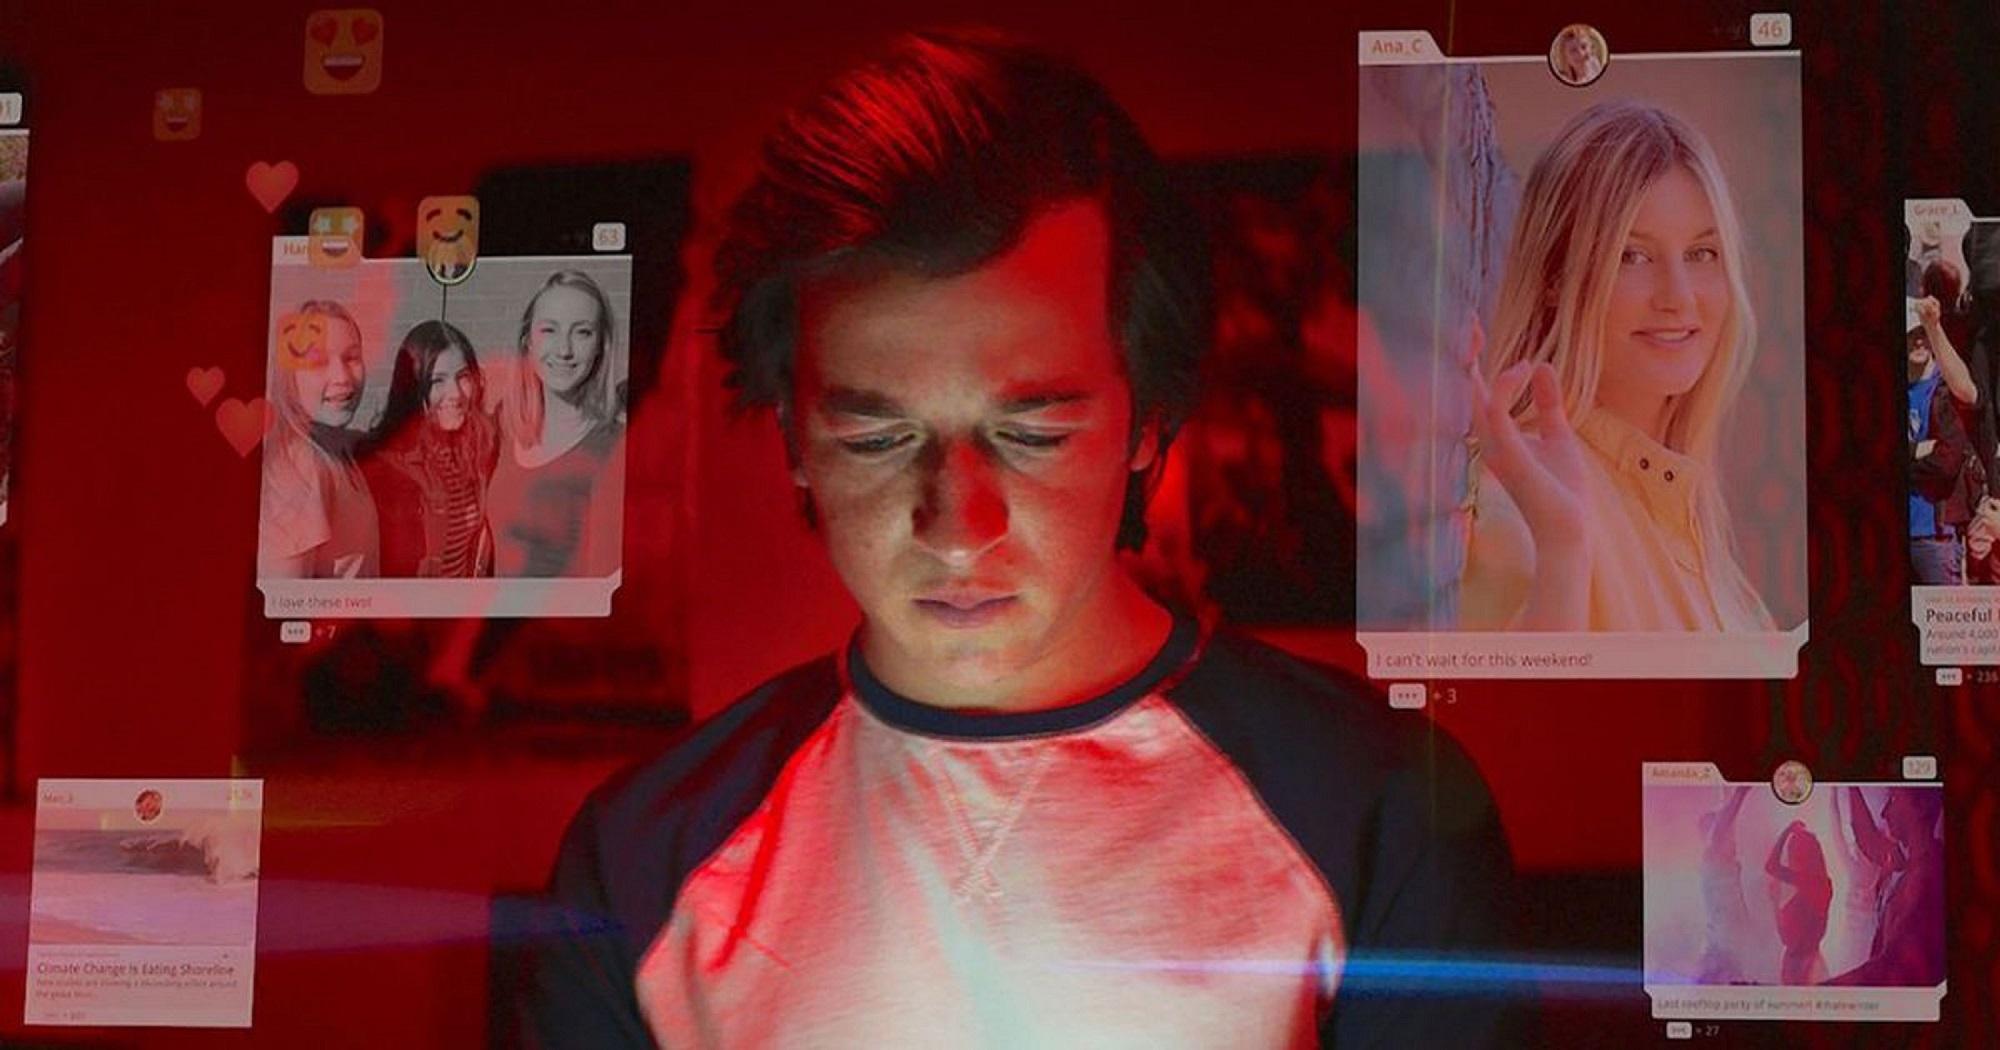 El Dilema De Las Redes Sociales El Documental De Netflix Que Nos Alerta Sobre Nuestra Adicción Digital Redes Sociales Entretenimiento El Universo